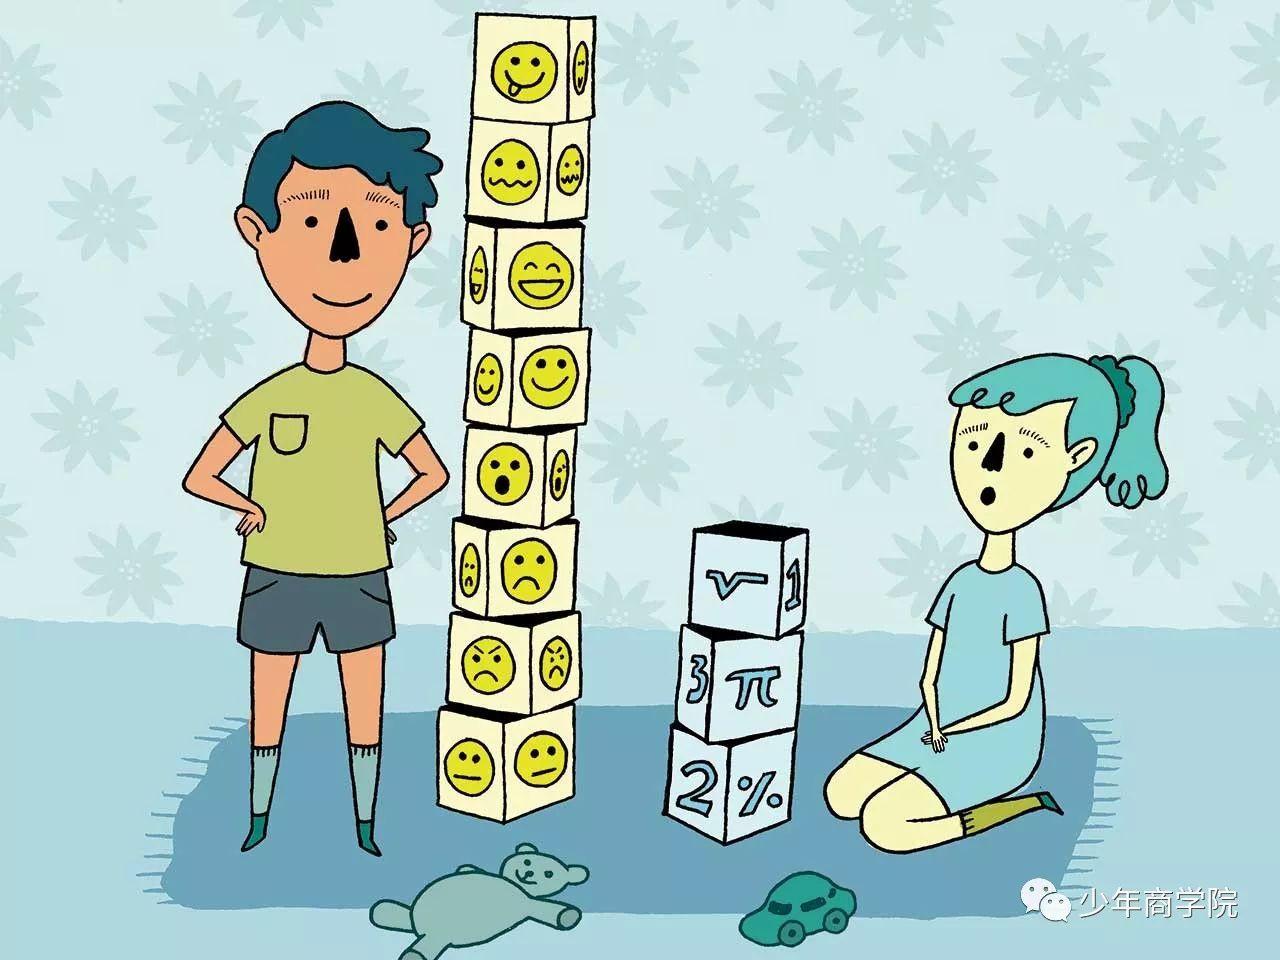 如何抓准年龄节点发展孩子的大脑?这是我读到的最权威分析